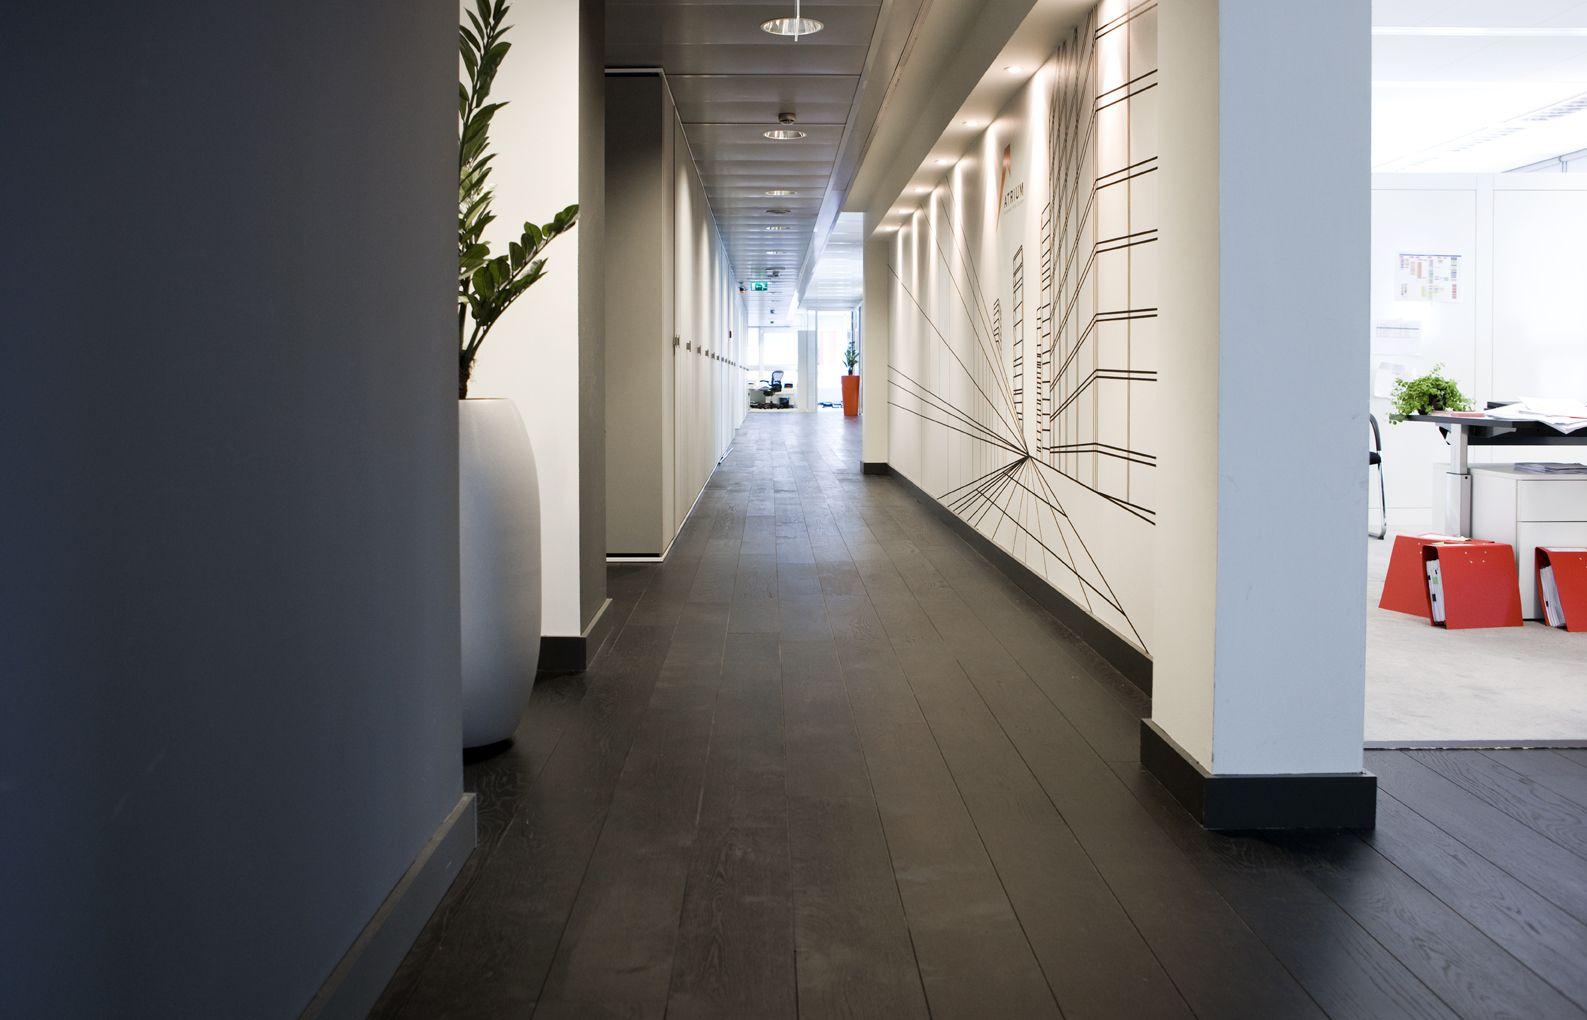 Zwarte houten vloer van uipkes. zwart wit pinterest